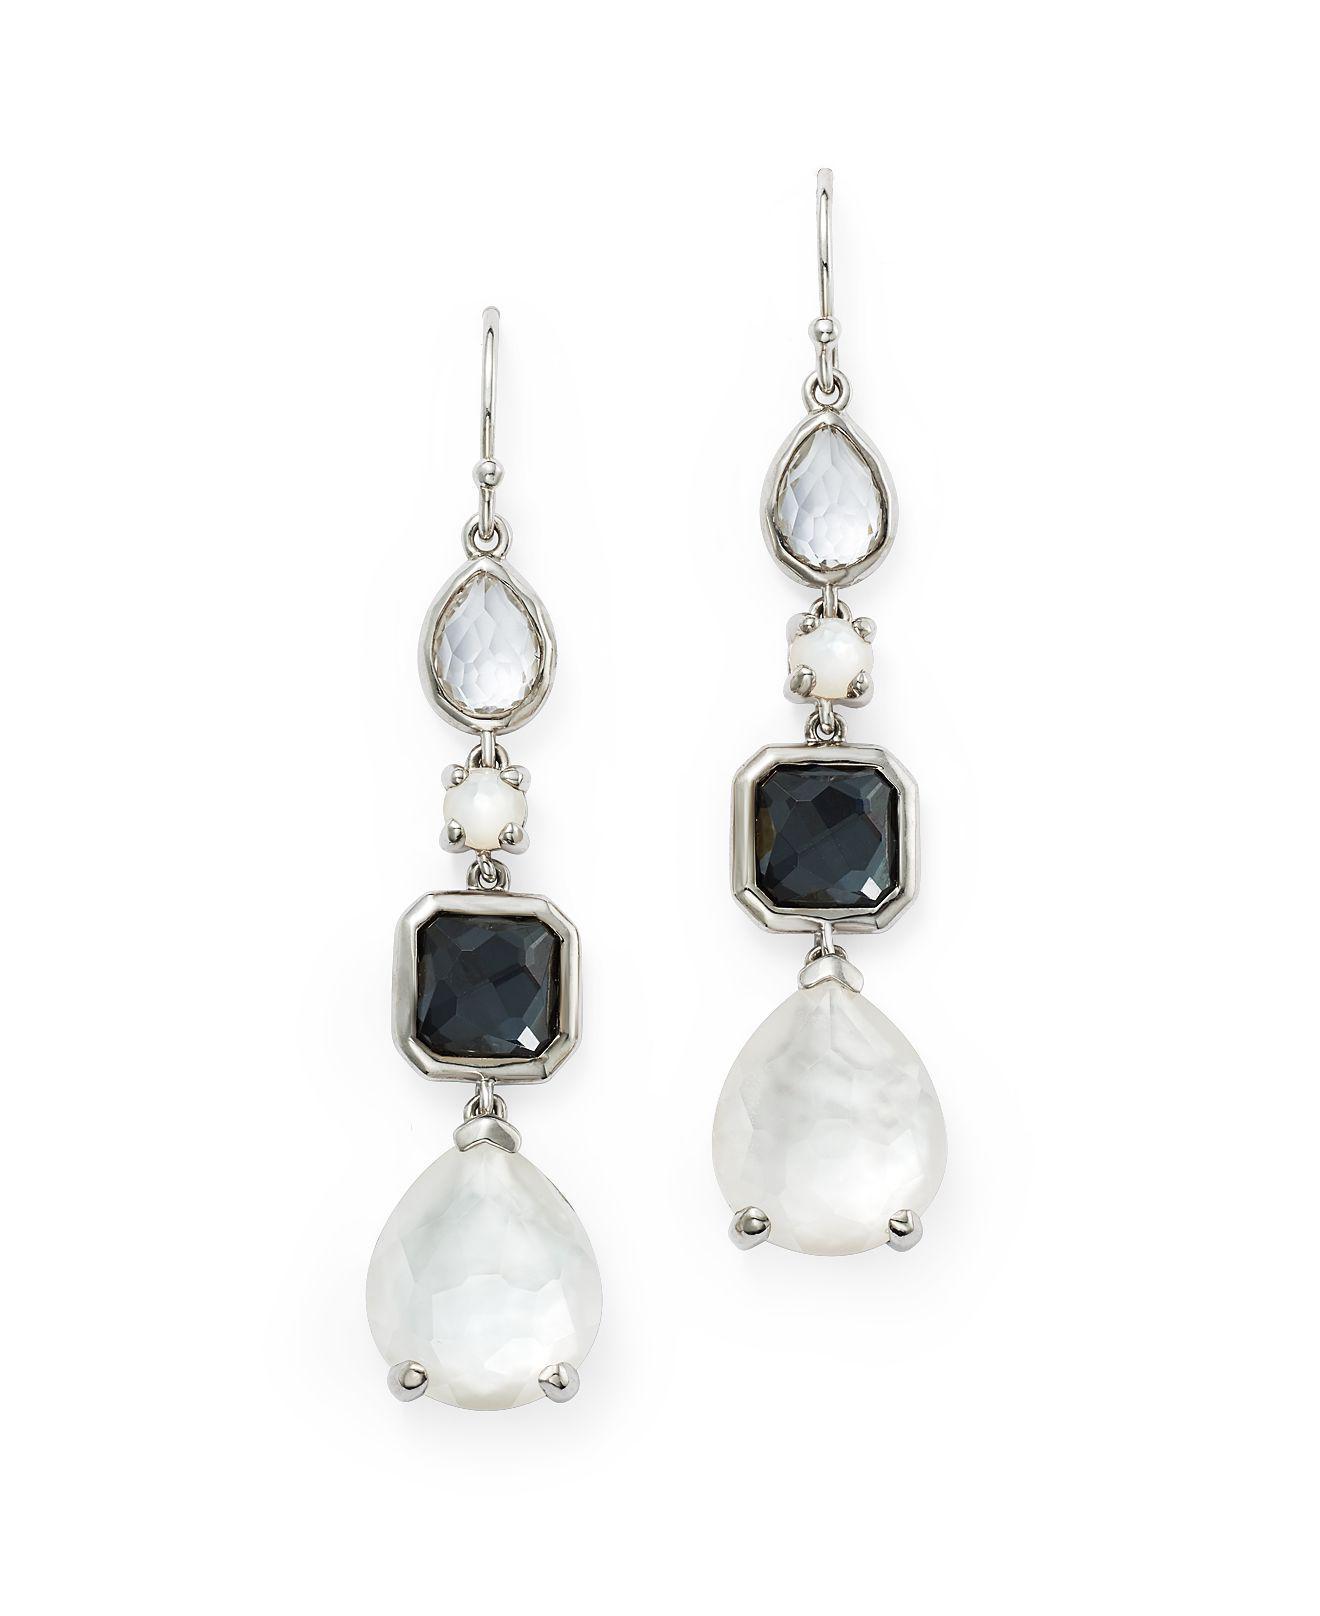 Ippolita 18k Rock Candy Large Teardrop Earrings in Amethyst/Hematite Doublet 0MVY8YkI